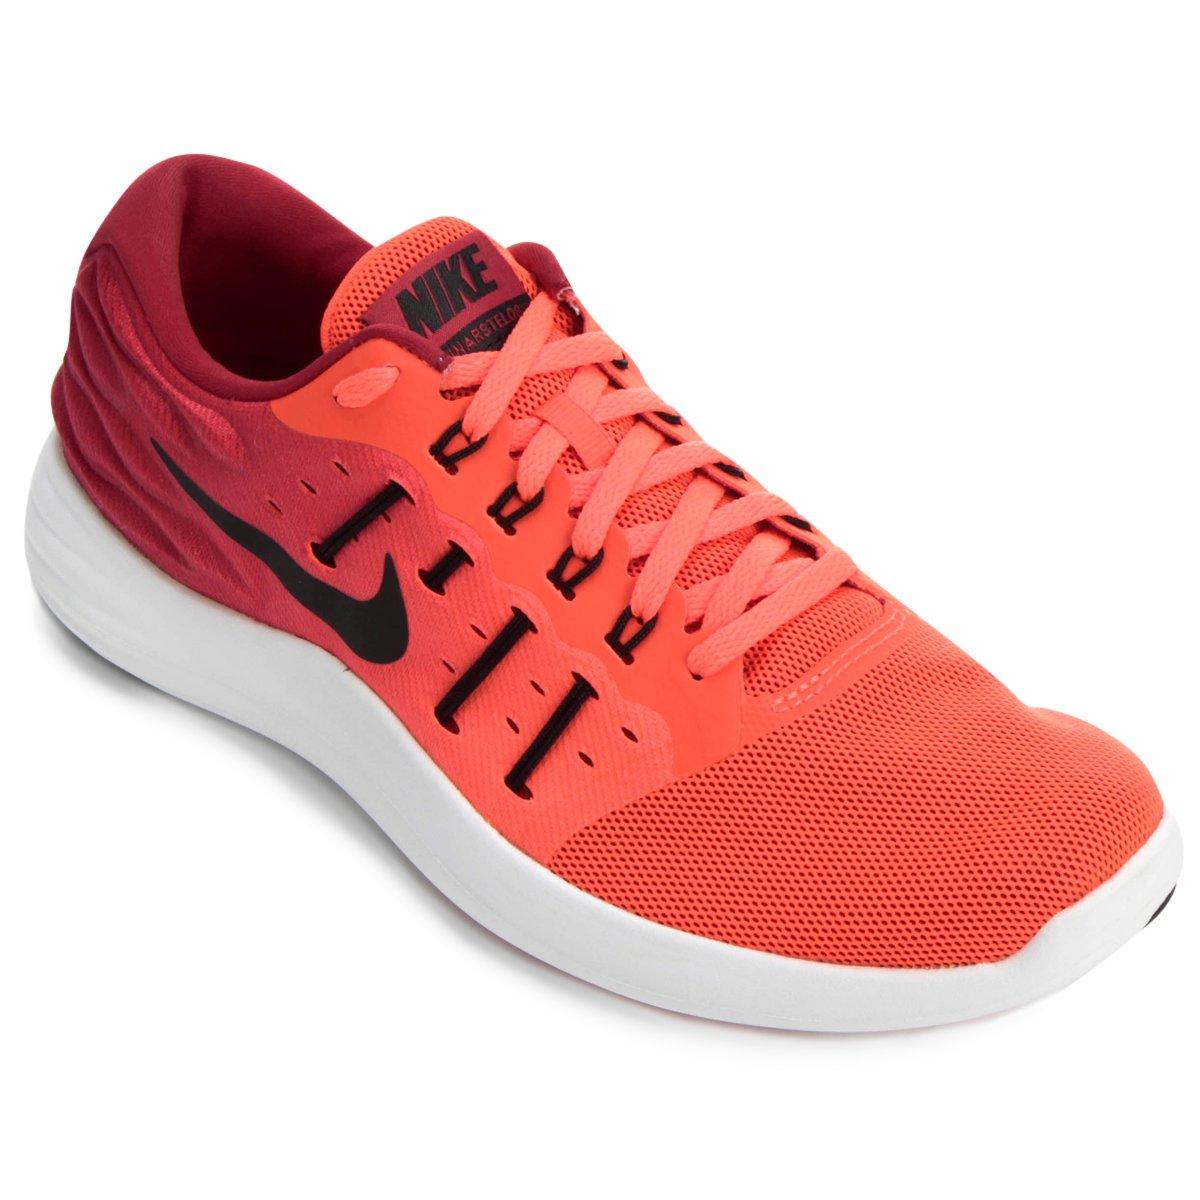 9f9d5b9641fd8 Tênis Nike Lunar Stelos Masculino | Loja do Inter